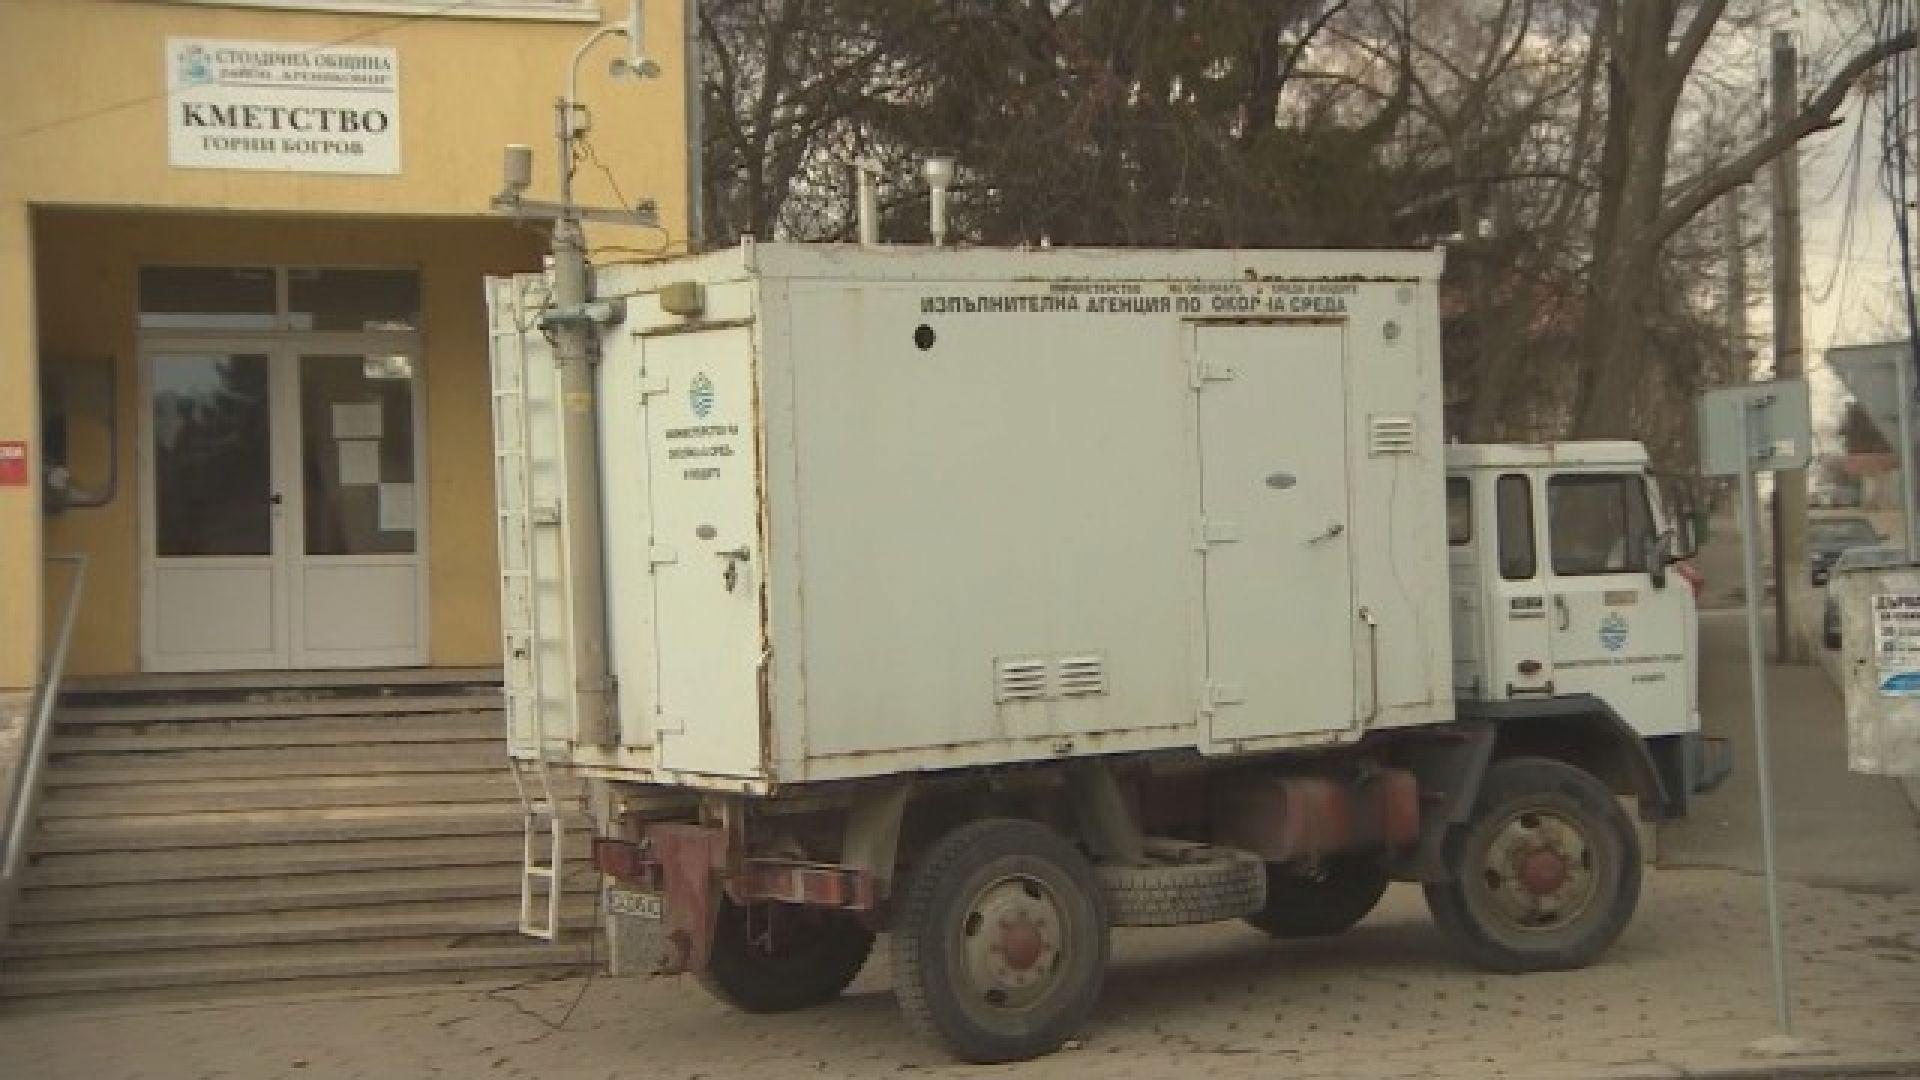 След сигнал: Мобилна станция следи за чистотата на въздуха край Горни Богров